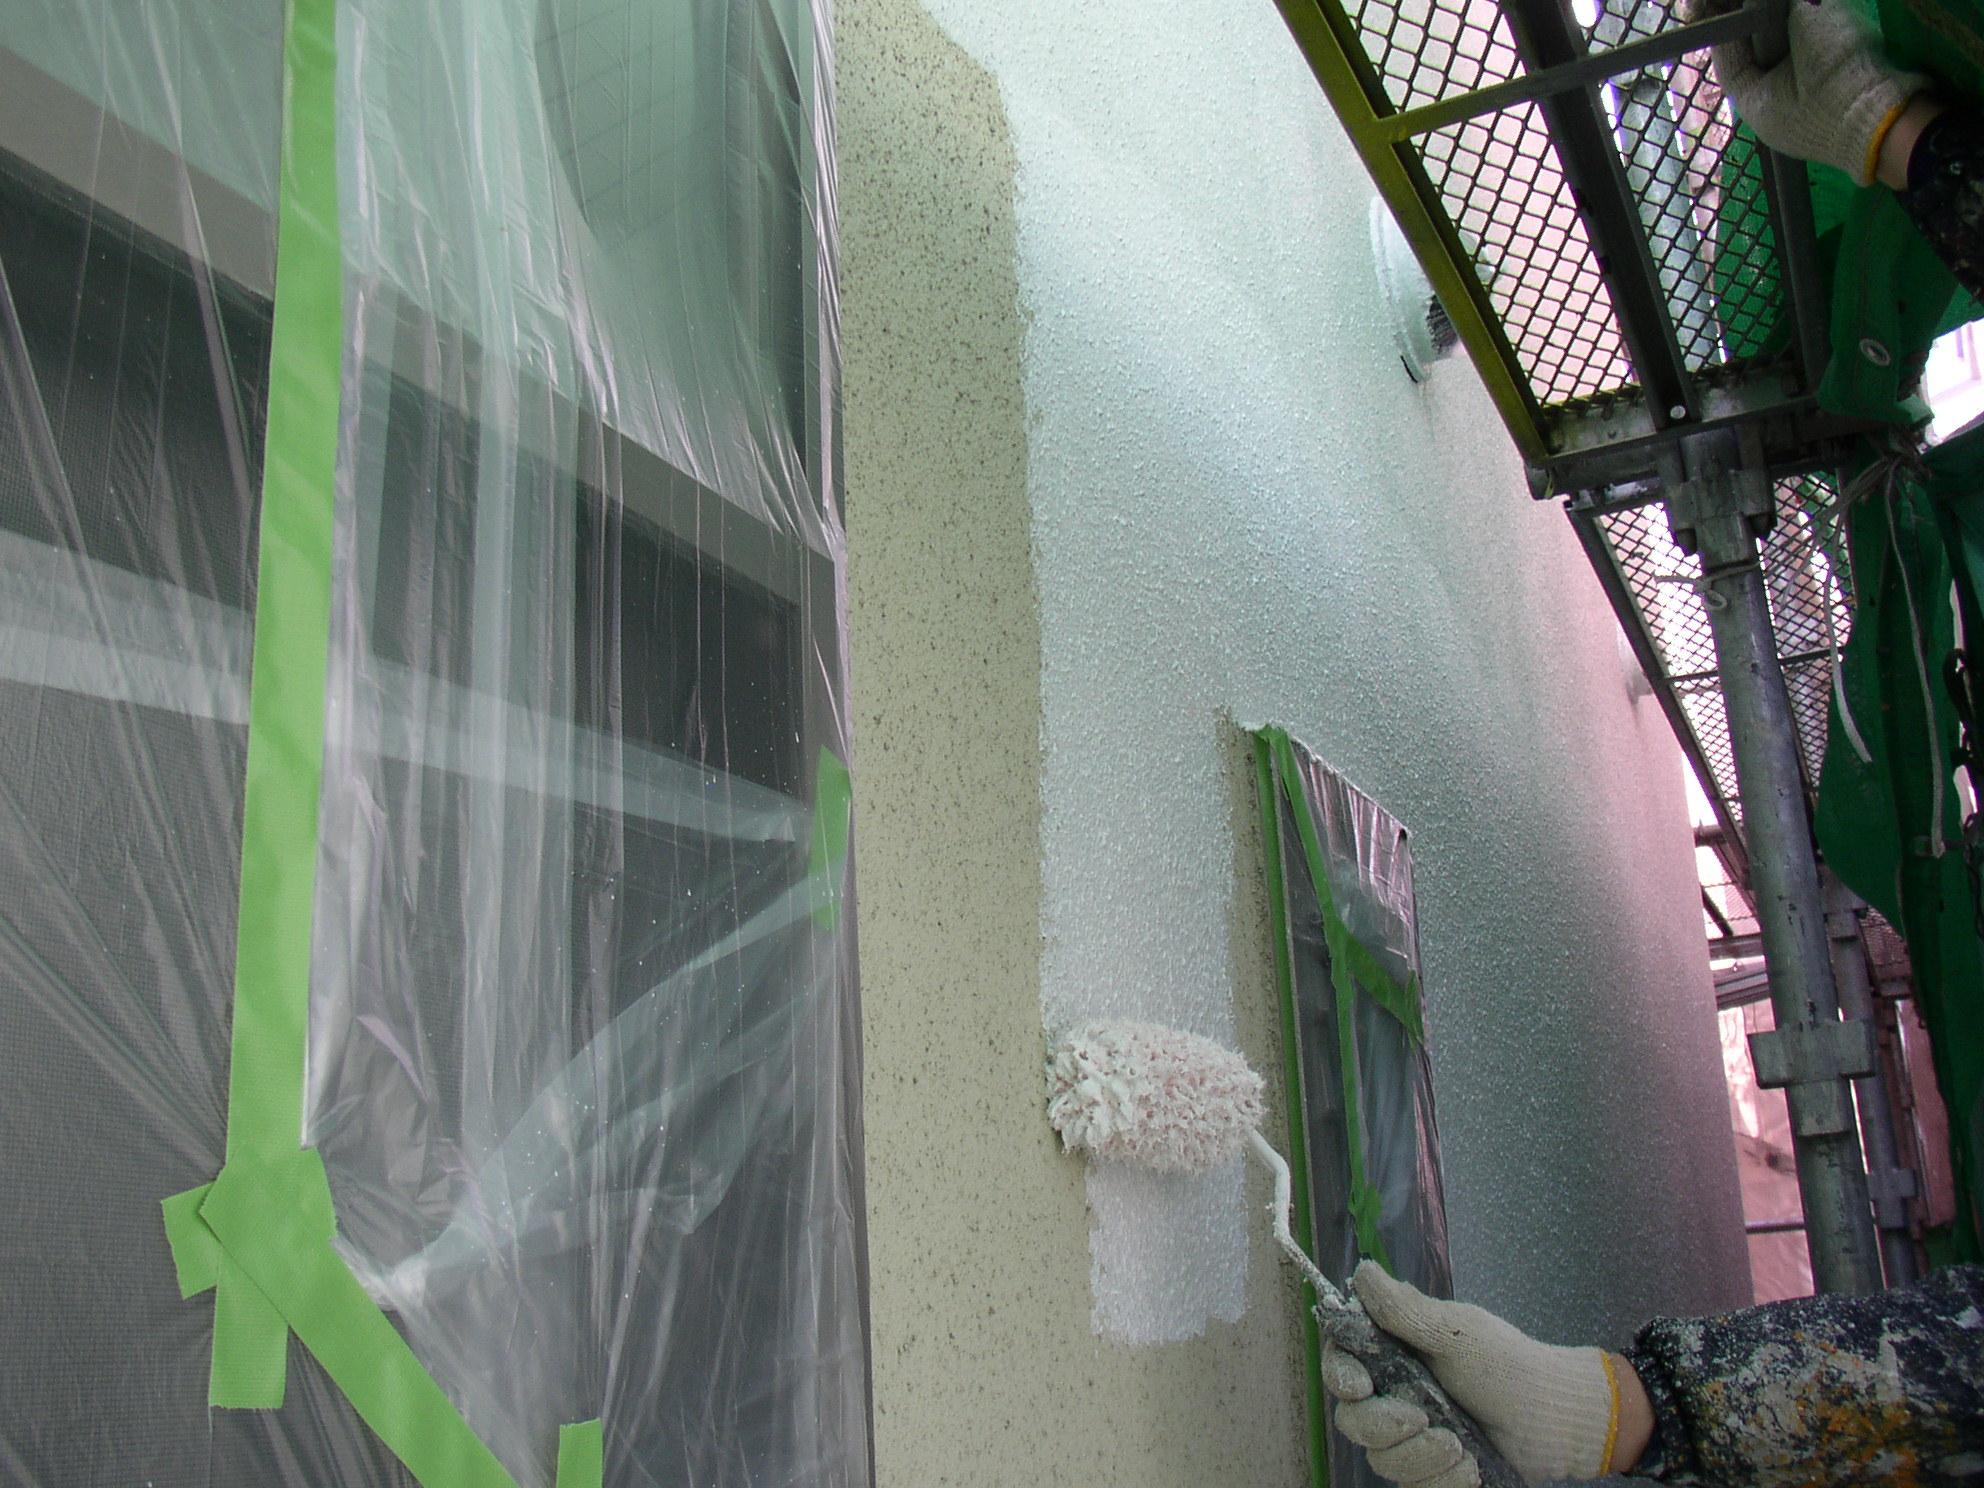 <下塗り作業> 下塗りの作業中写真です。下塗りは1回塗りです。